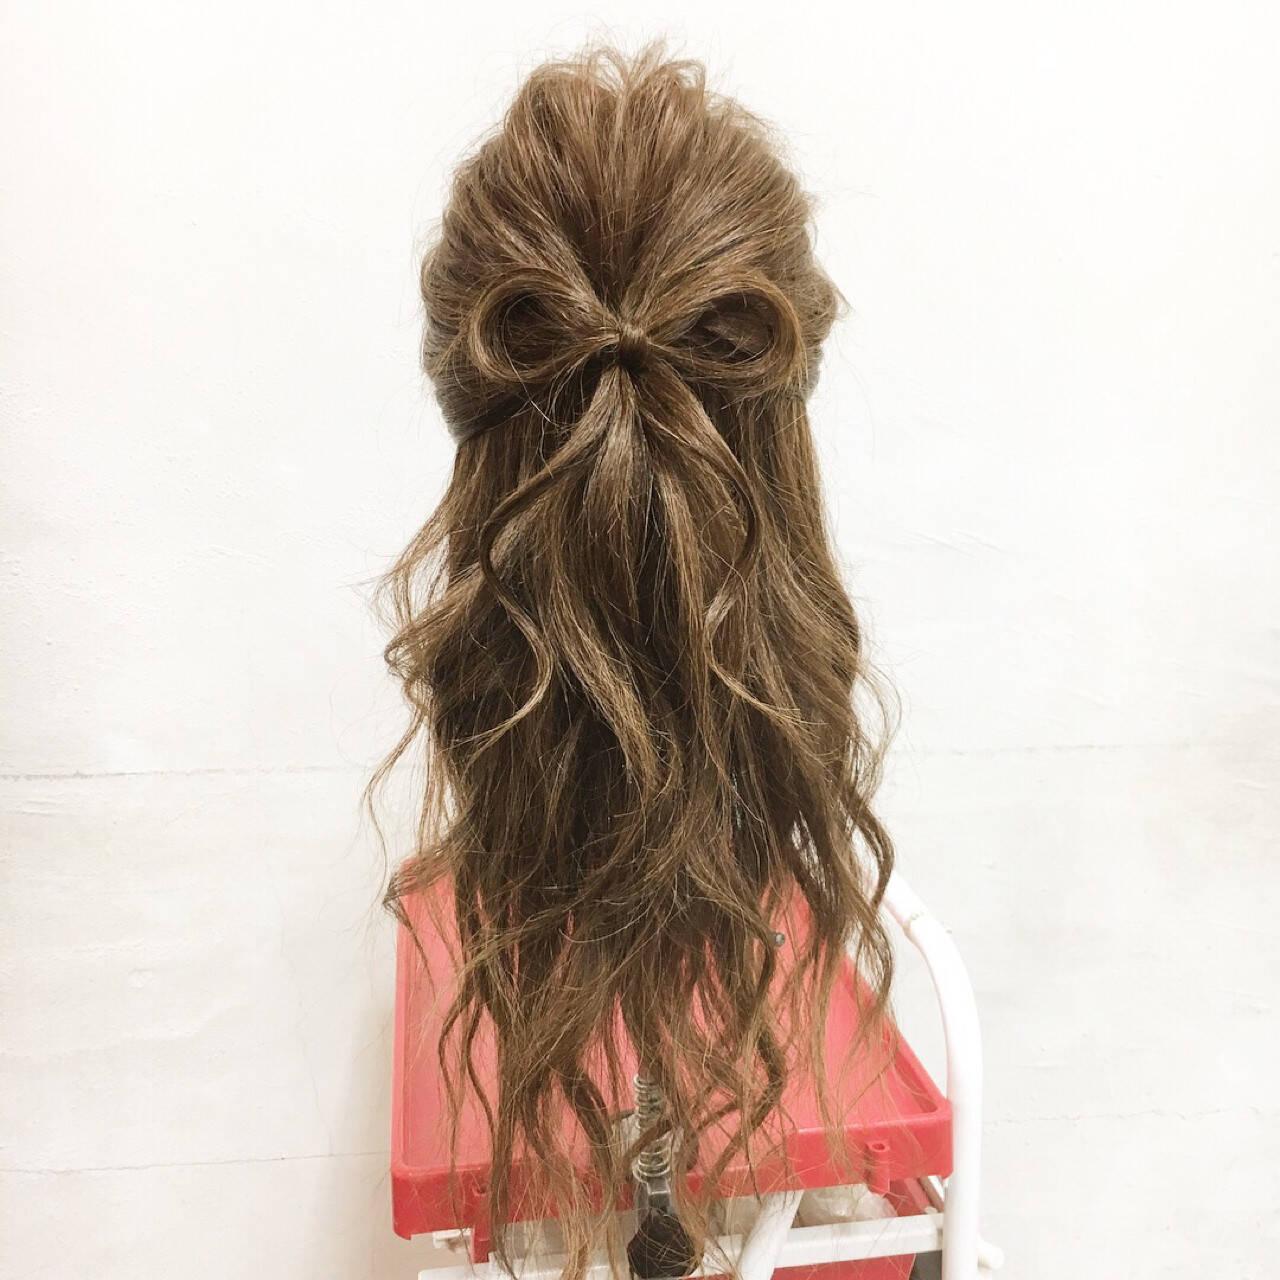 フェミニン ヘアアレンジ ロング ハーフアップヘアスタイルや髪型の写真・画像